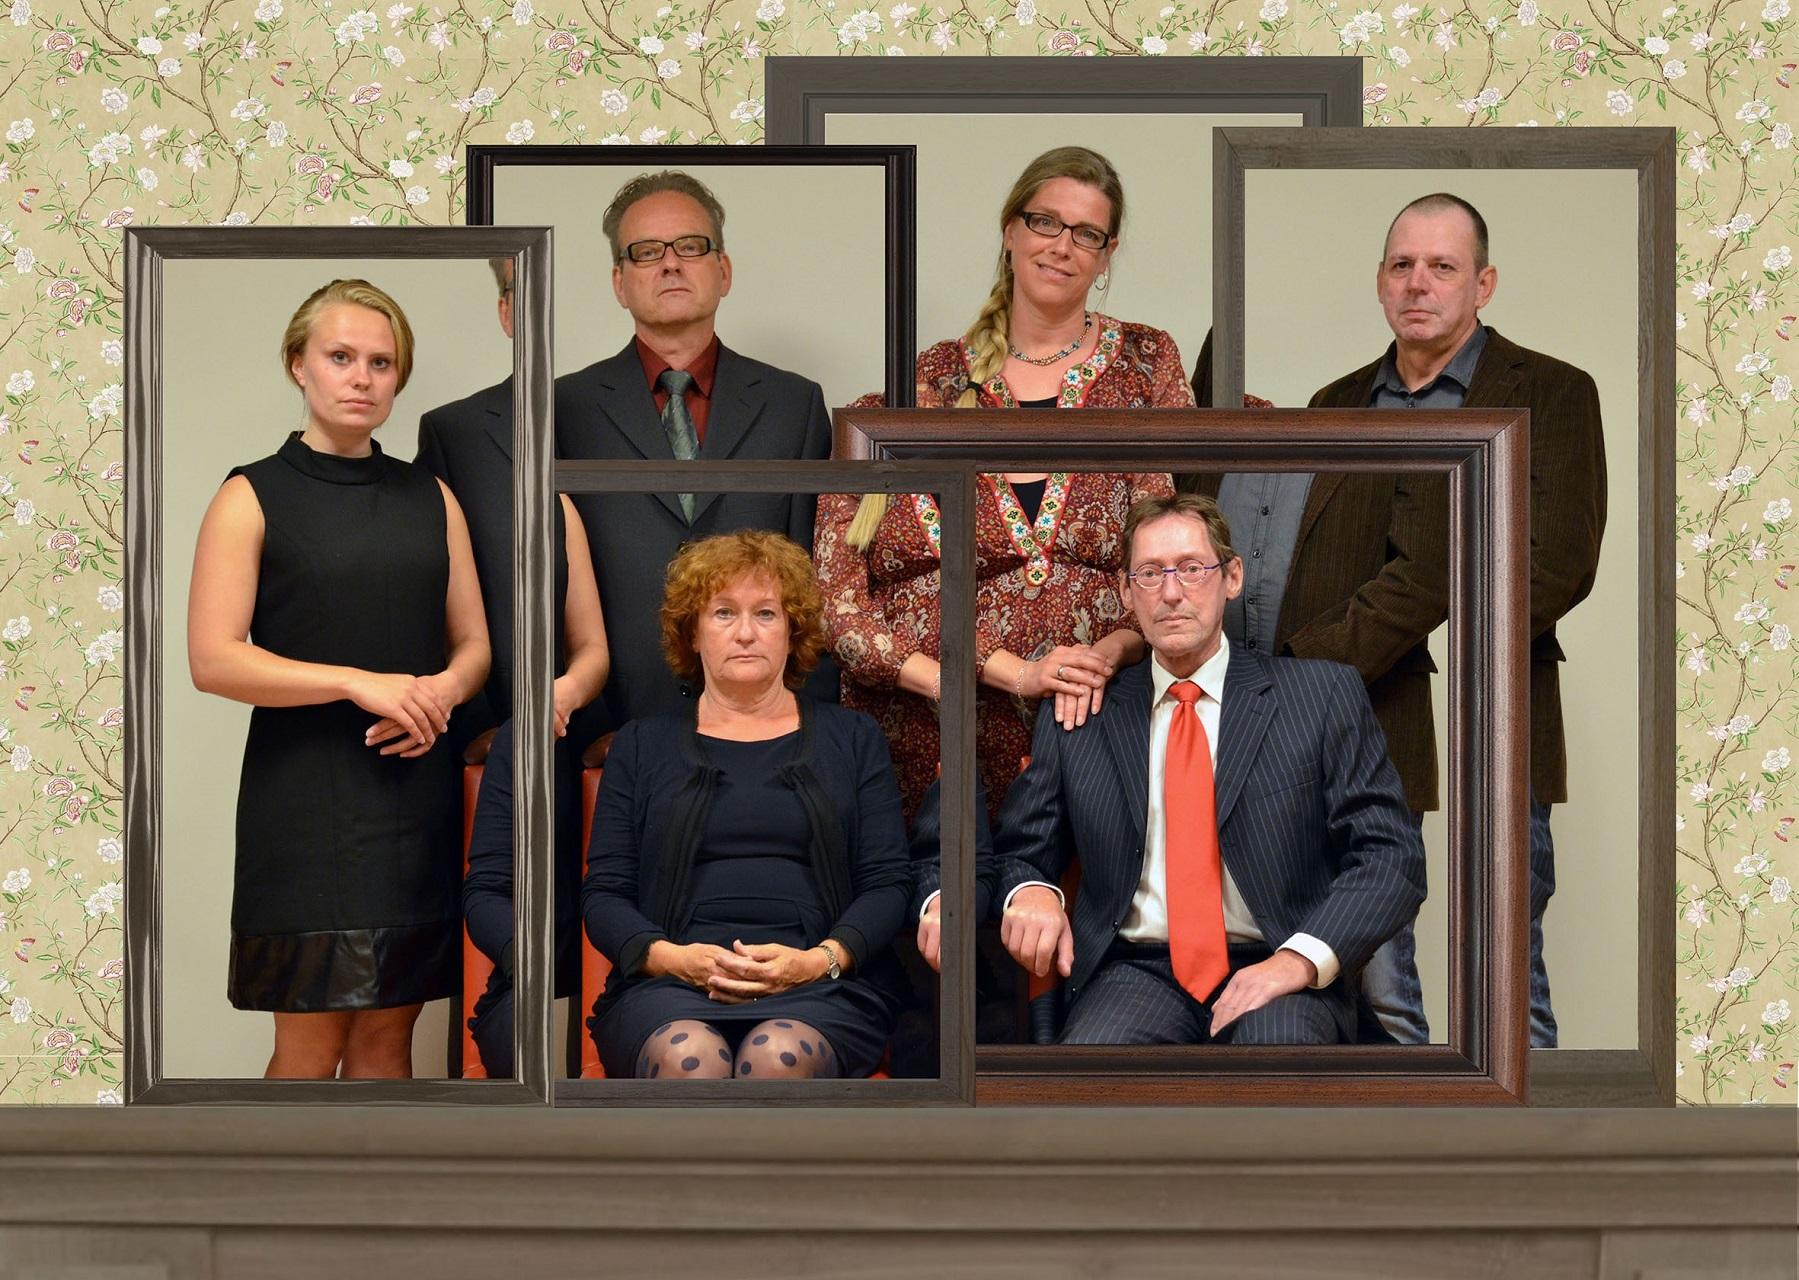 Tussen De Planken Door speelt 'Familie' in het Scagontheater. (Foto: aangeleverd)